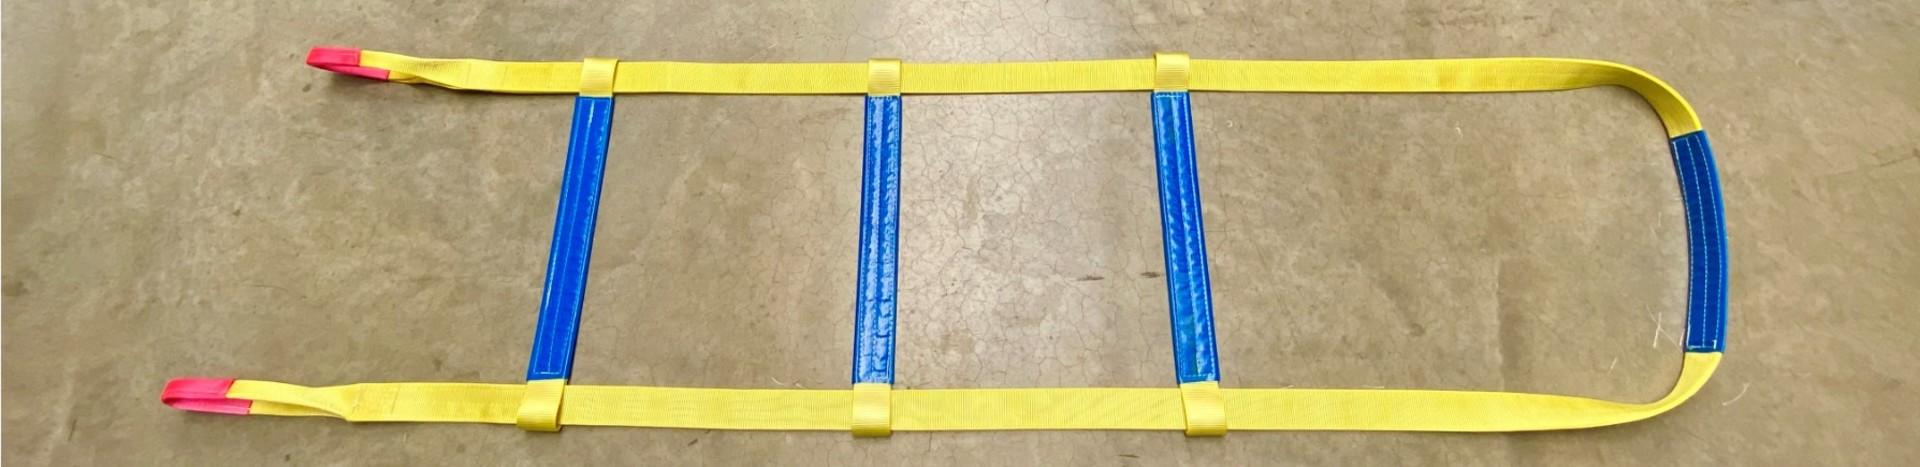 glas lifting web sling